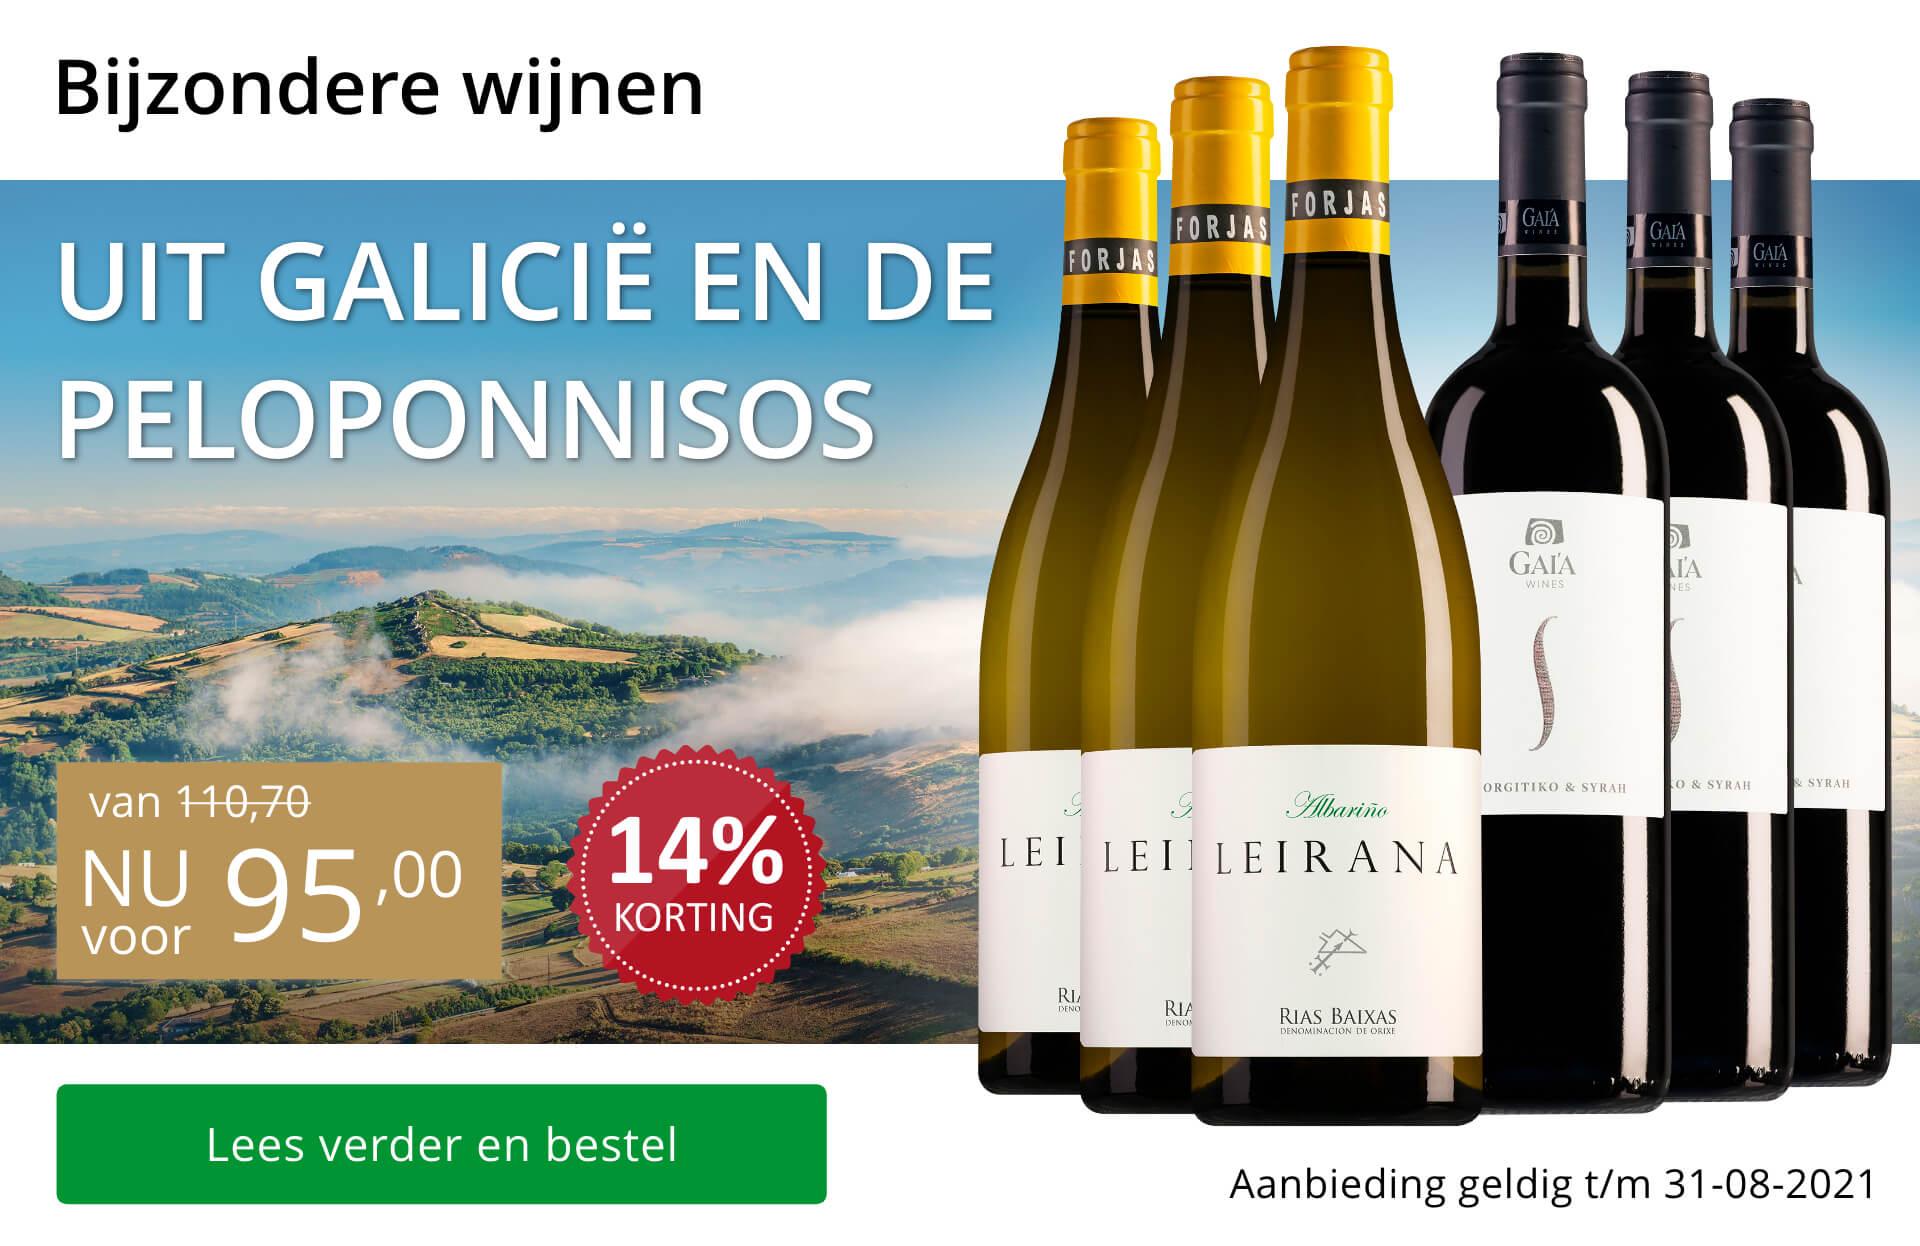 Wijnpakket bijzondere wijnen augustus 2021 (95,00) - goud/zwart